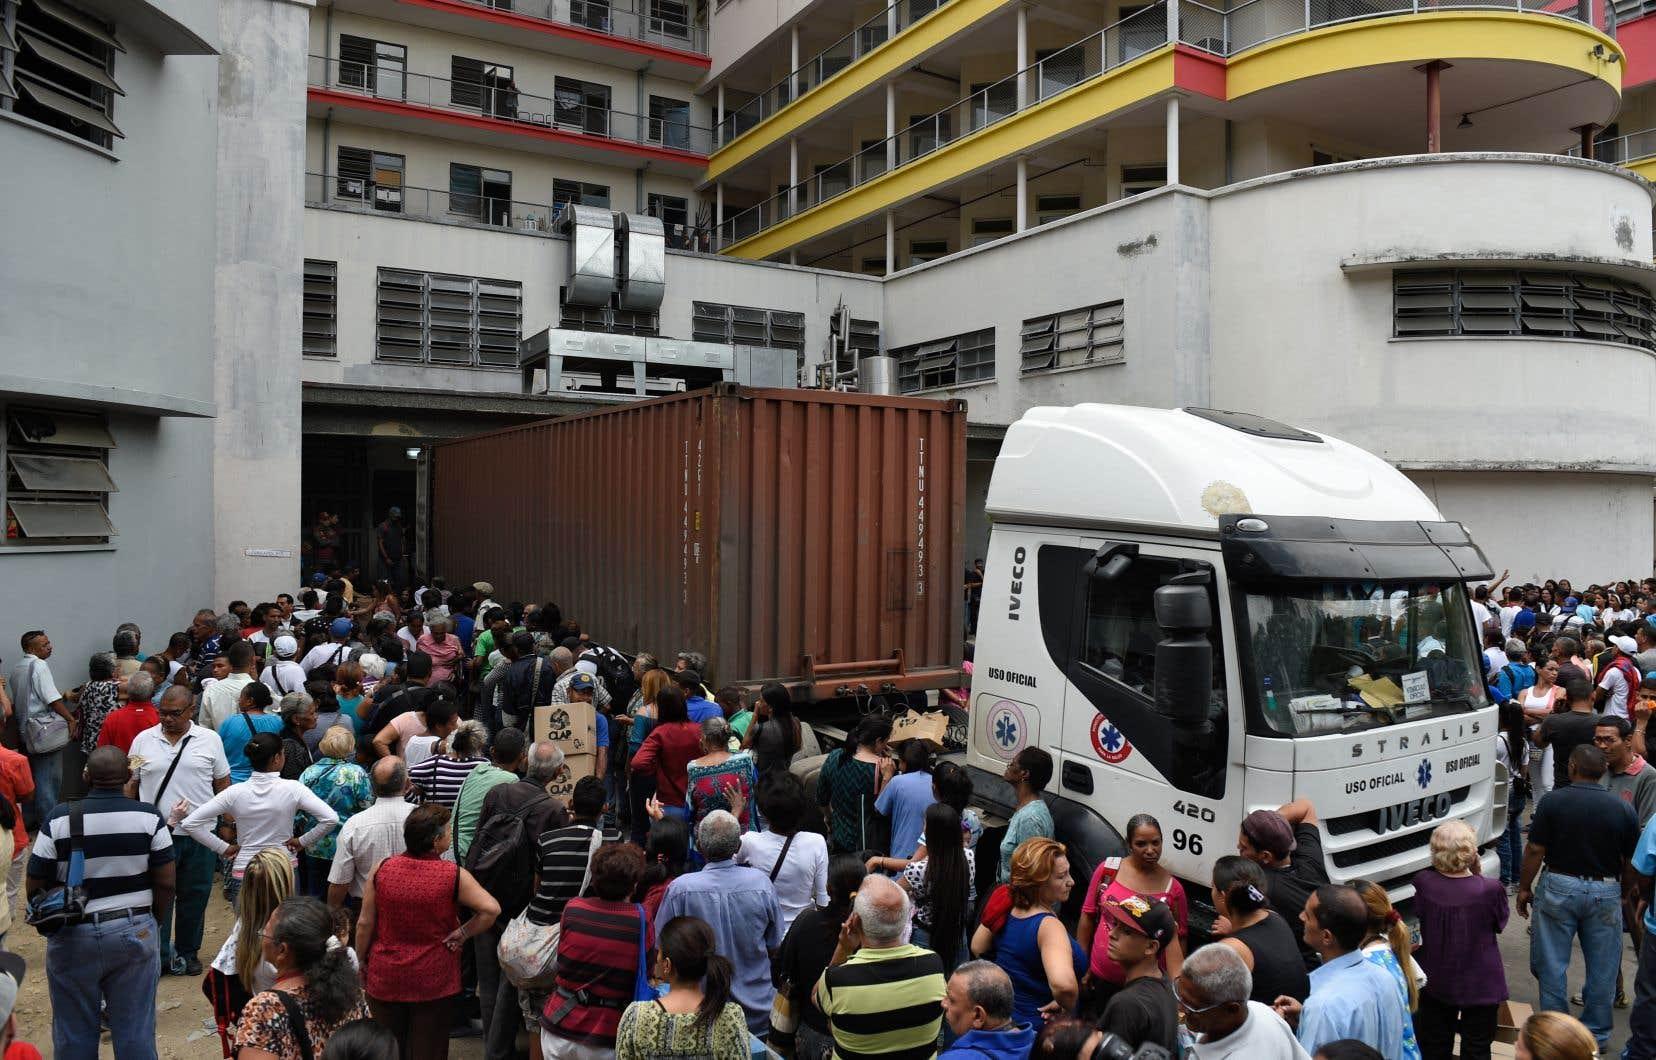 La pénurie de nourriture, les difficultés croissantes pour accéder aux soins, à l'électricité, à l'eau, aux transports, combinées aux problèmes d'insécurité, ont fait fuir en masse la population qui se réfugie notamment en Colombie et au Brésil.